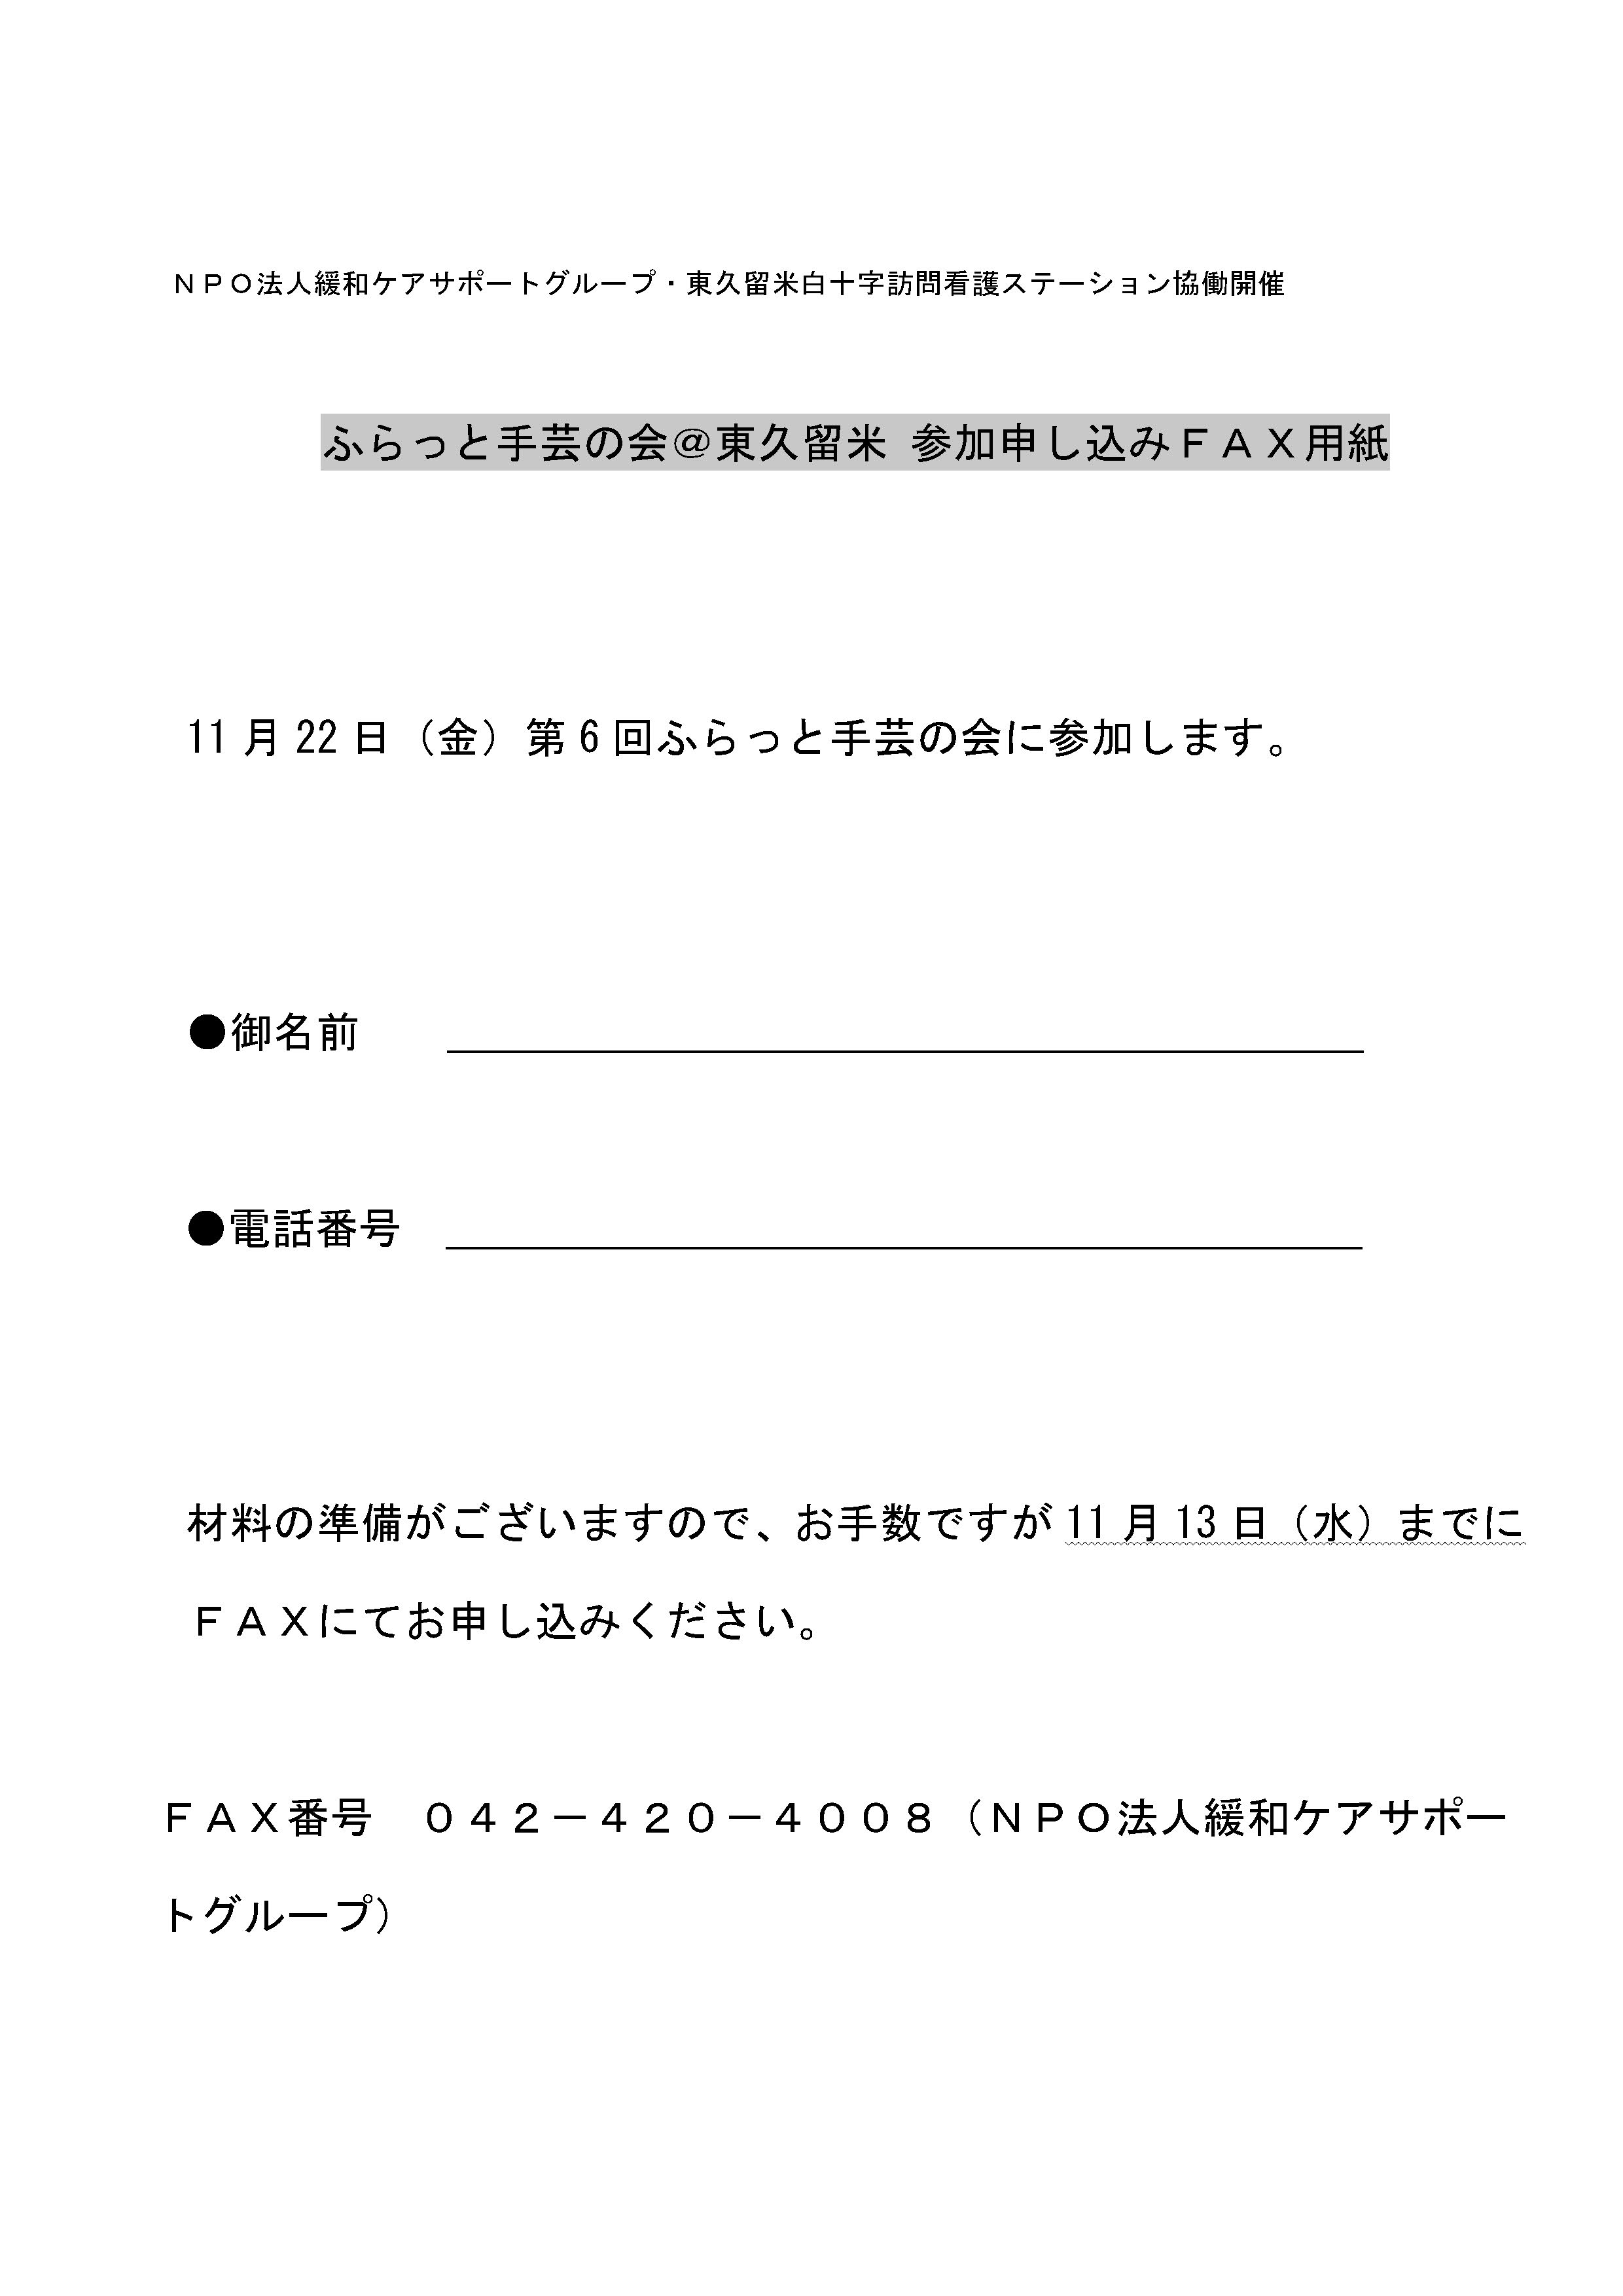 第6回ふらっと手芸の会 @ 東久留米へのお誘い_e0167087_14134328.jpg